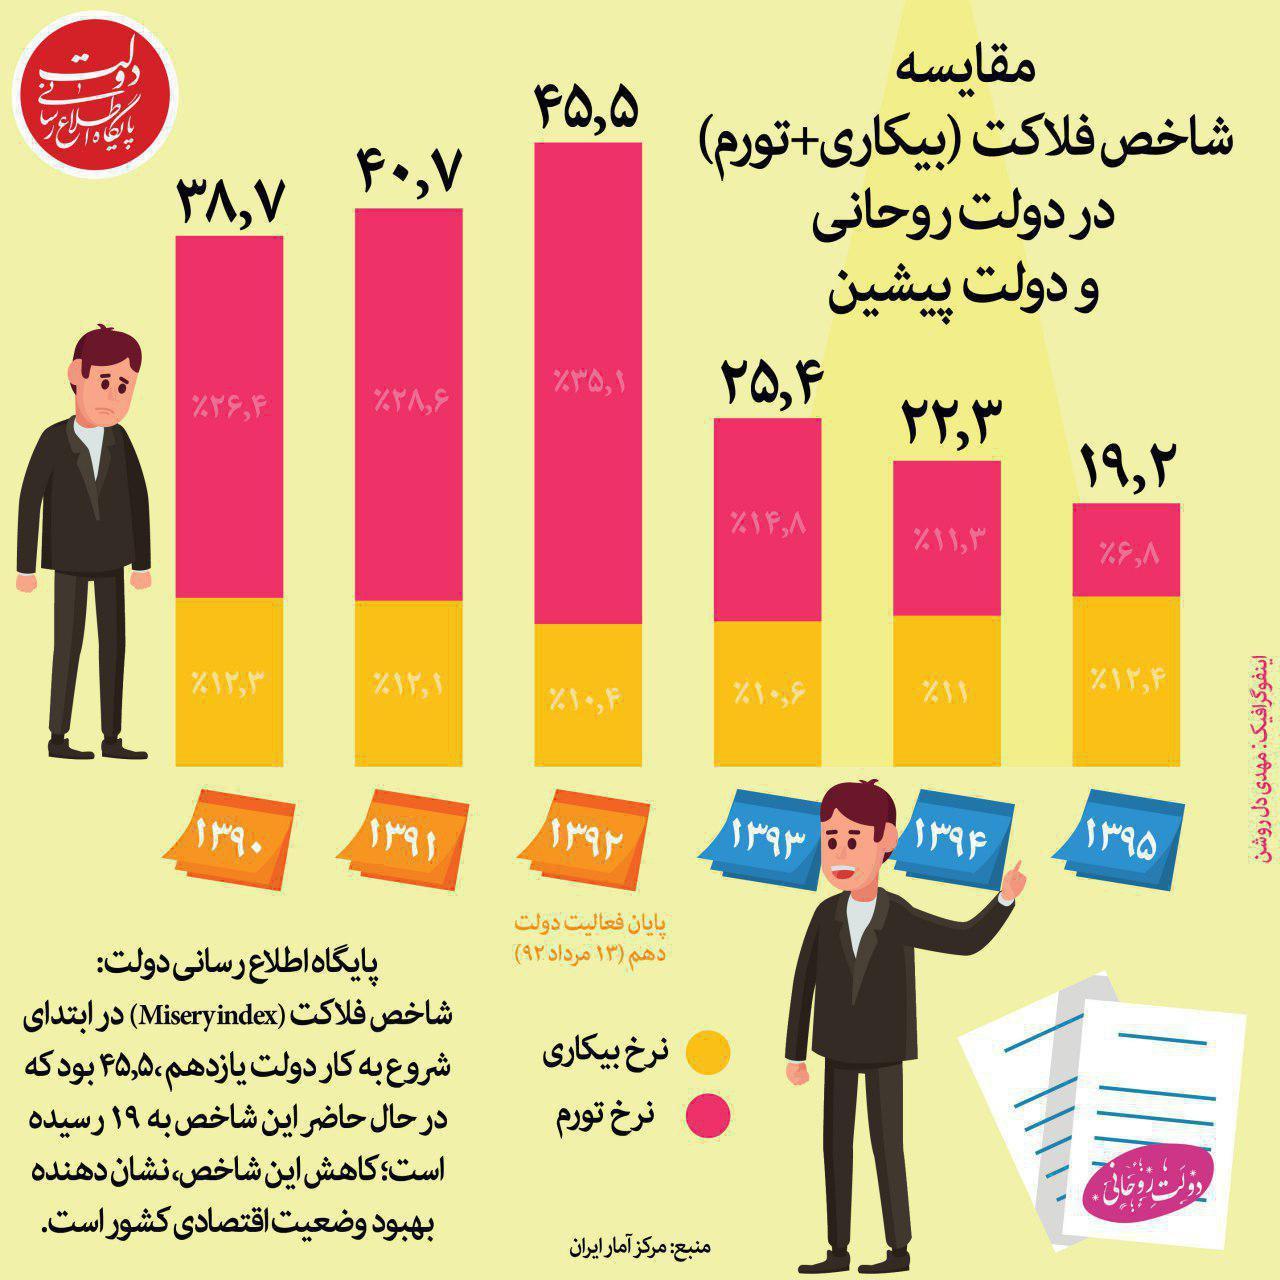 مقایسه شاخص فلاکت در دولت روحانی و دولت پیشین